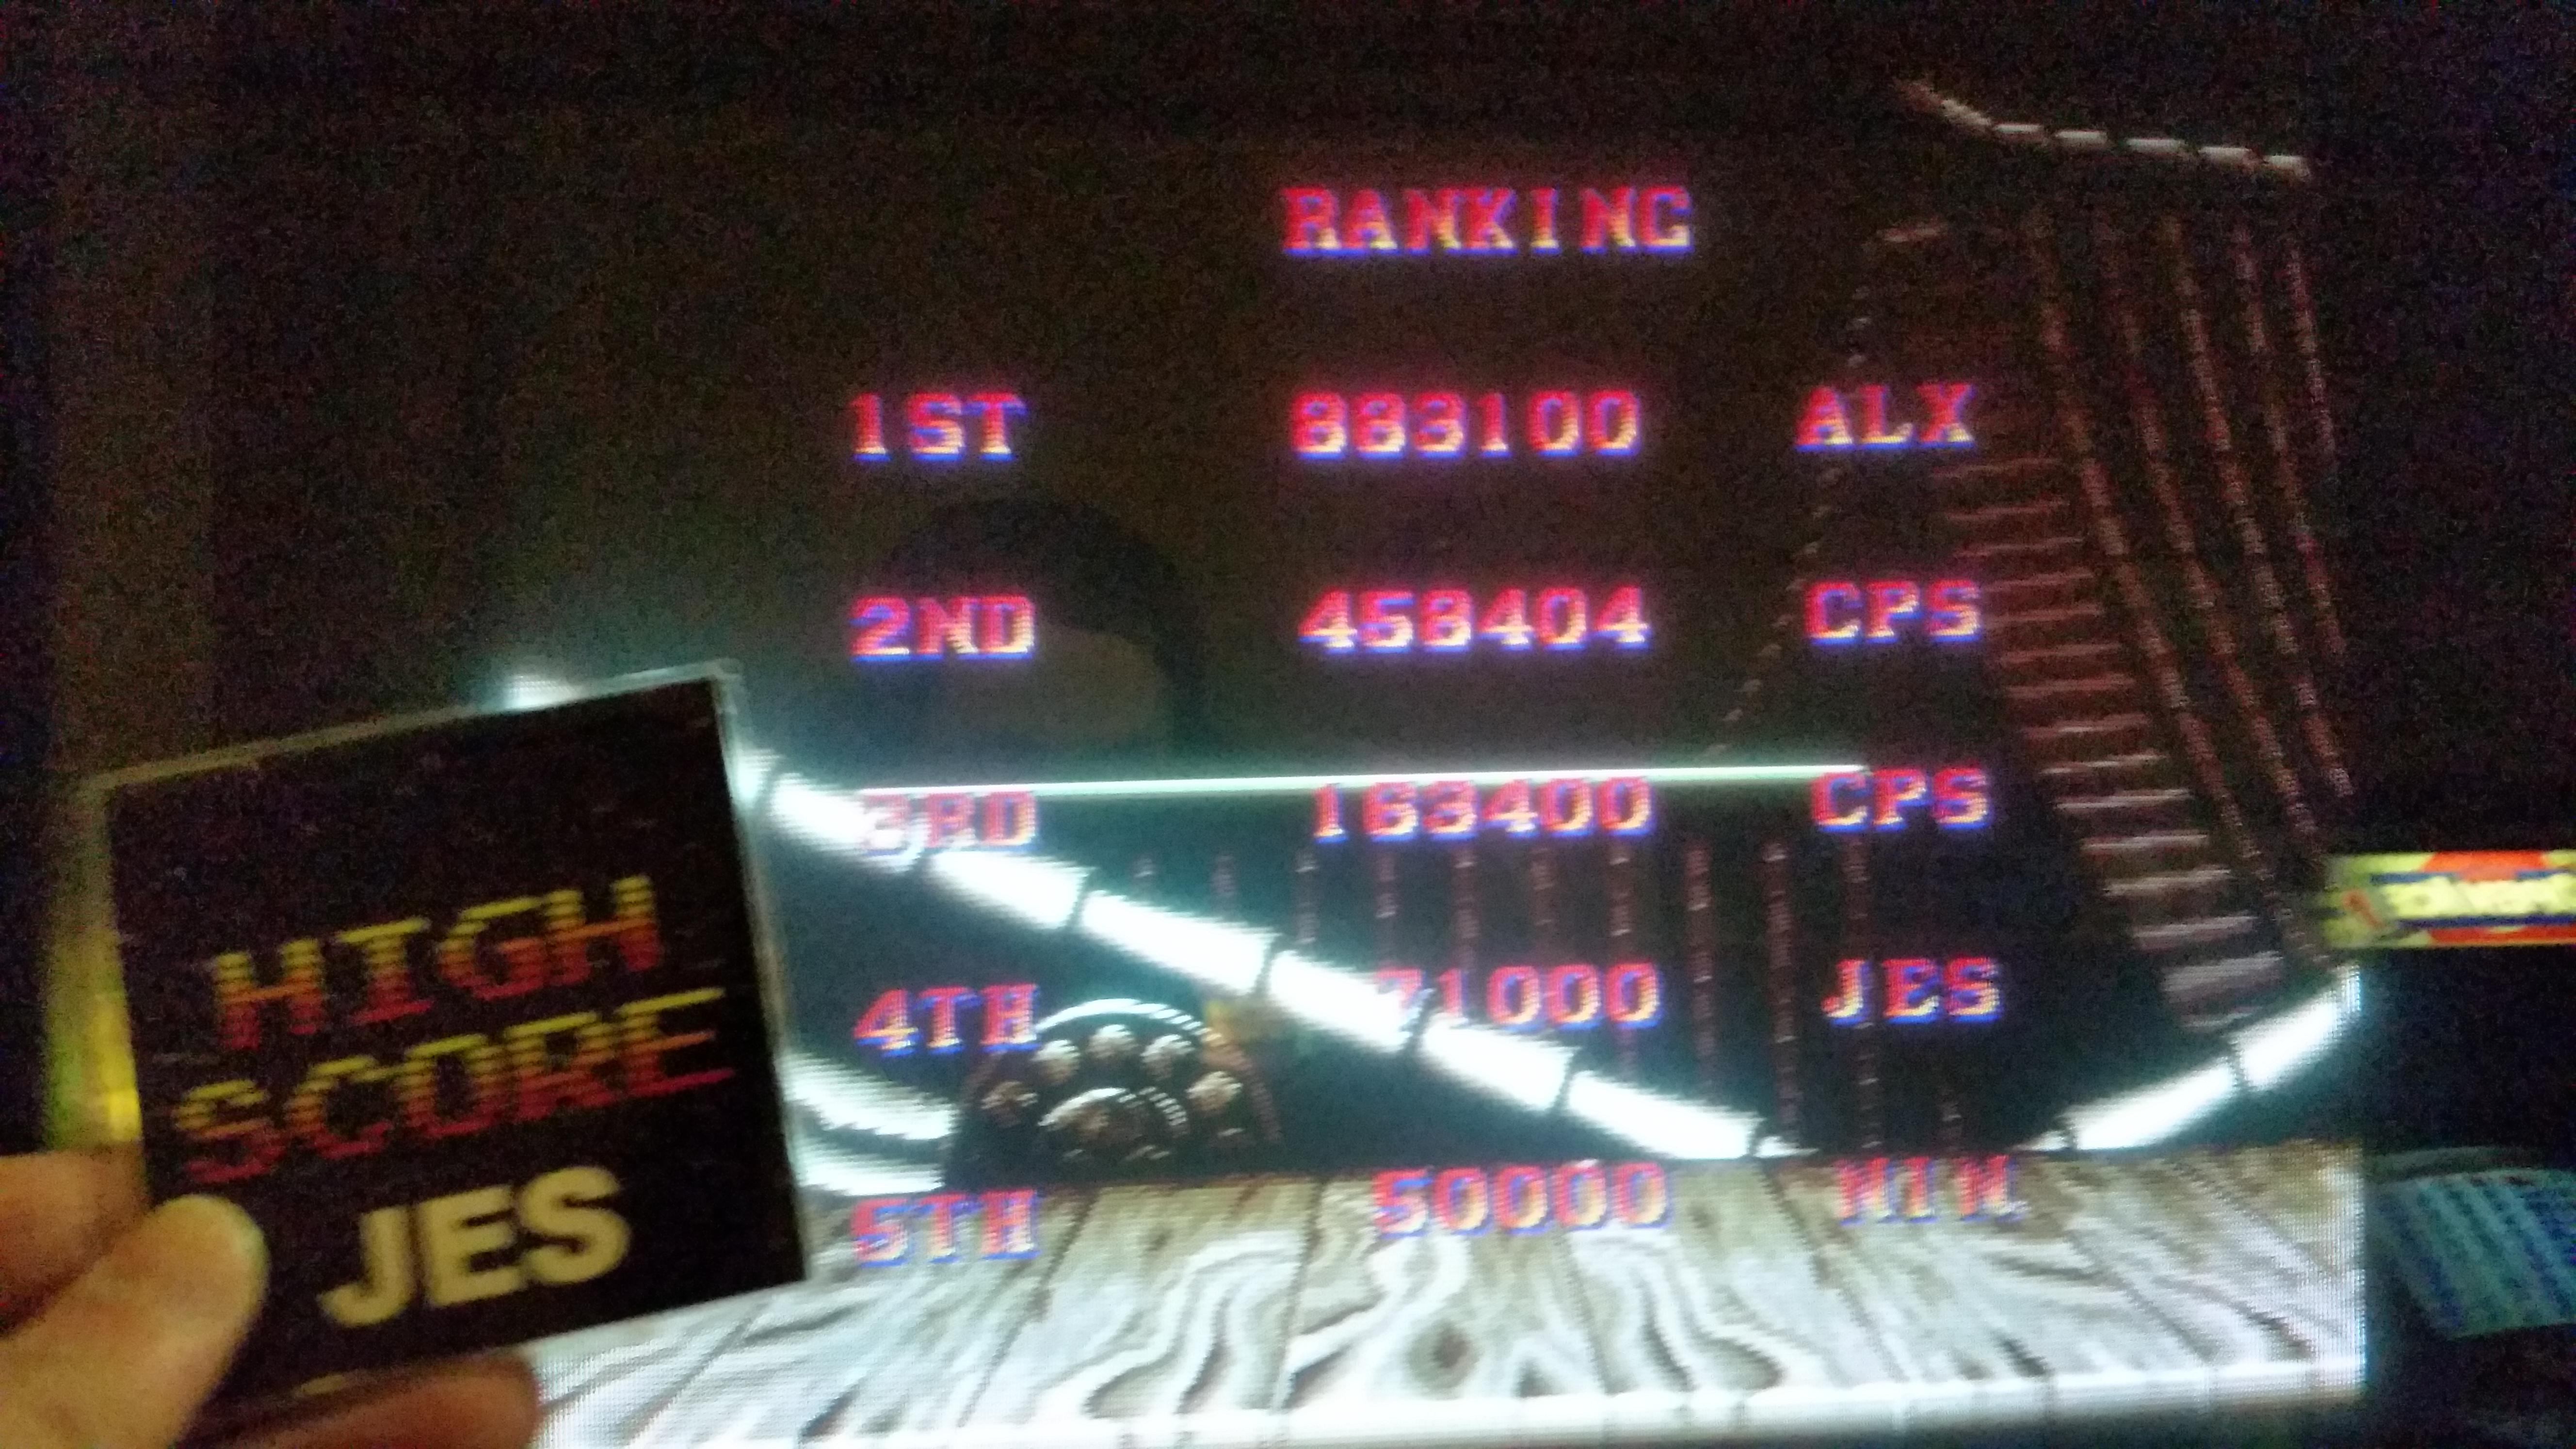 Street Fighter II Turbo: Hyper Fighting 71,000 points